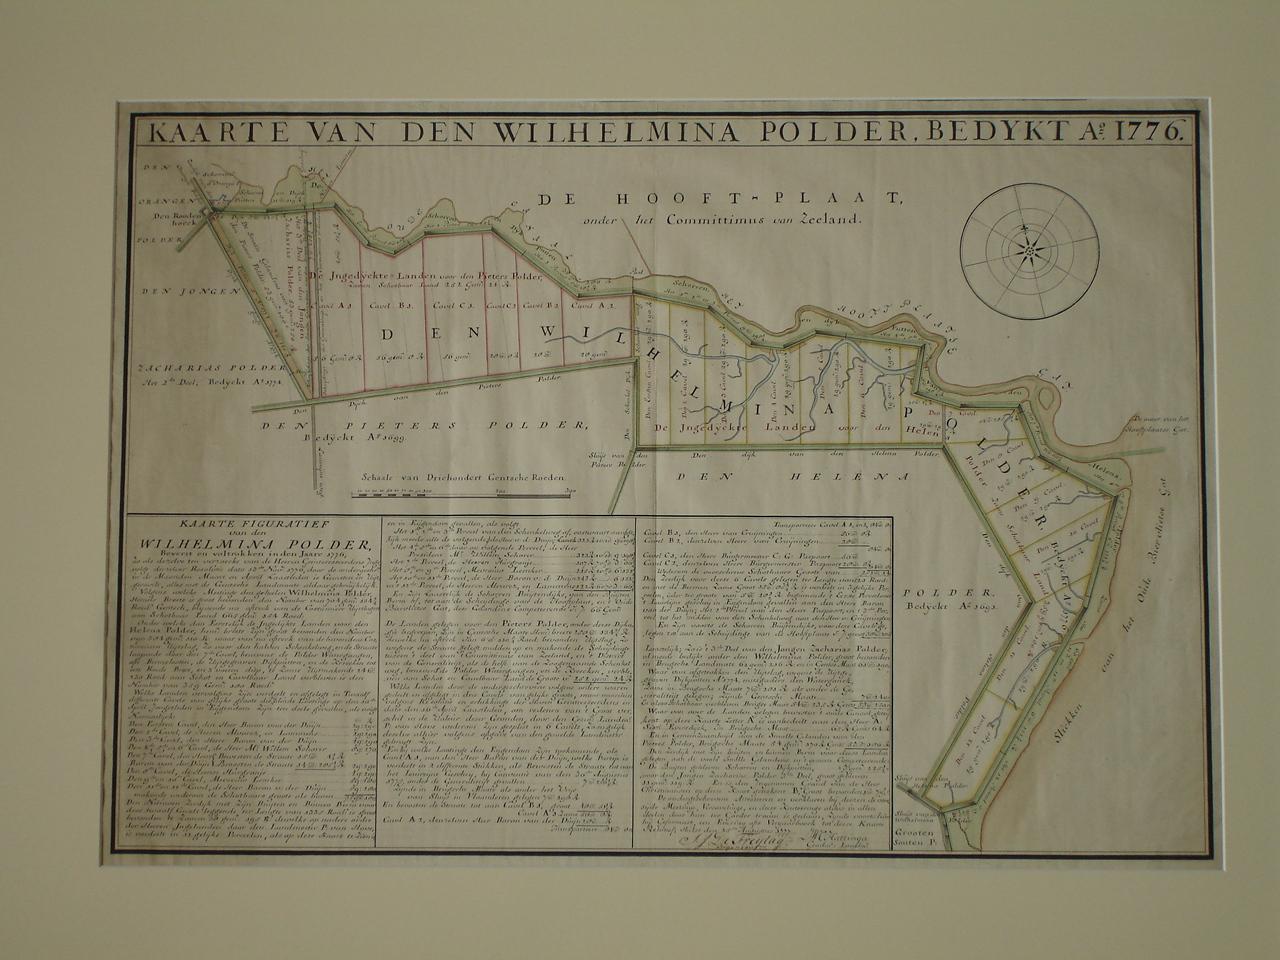 WILHELMINAPOLDER (ZEEUWS-VLAANDEREN). - Kaarte van den Wilhelmina Polder, bedykt Anno 1776.